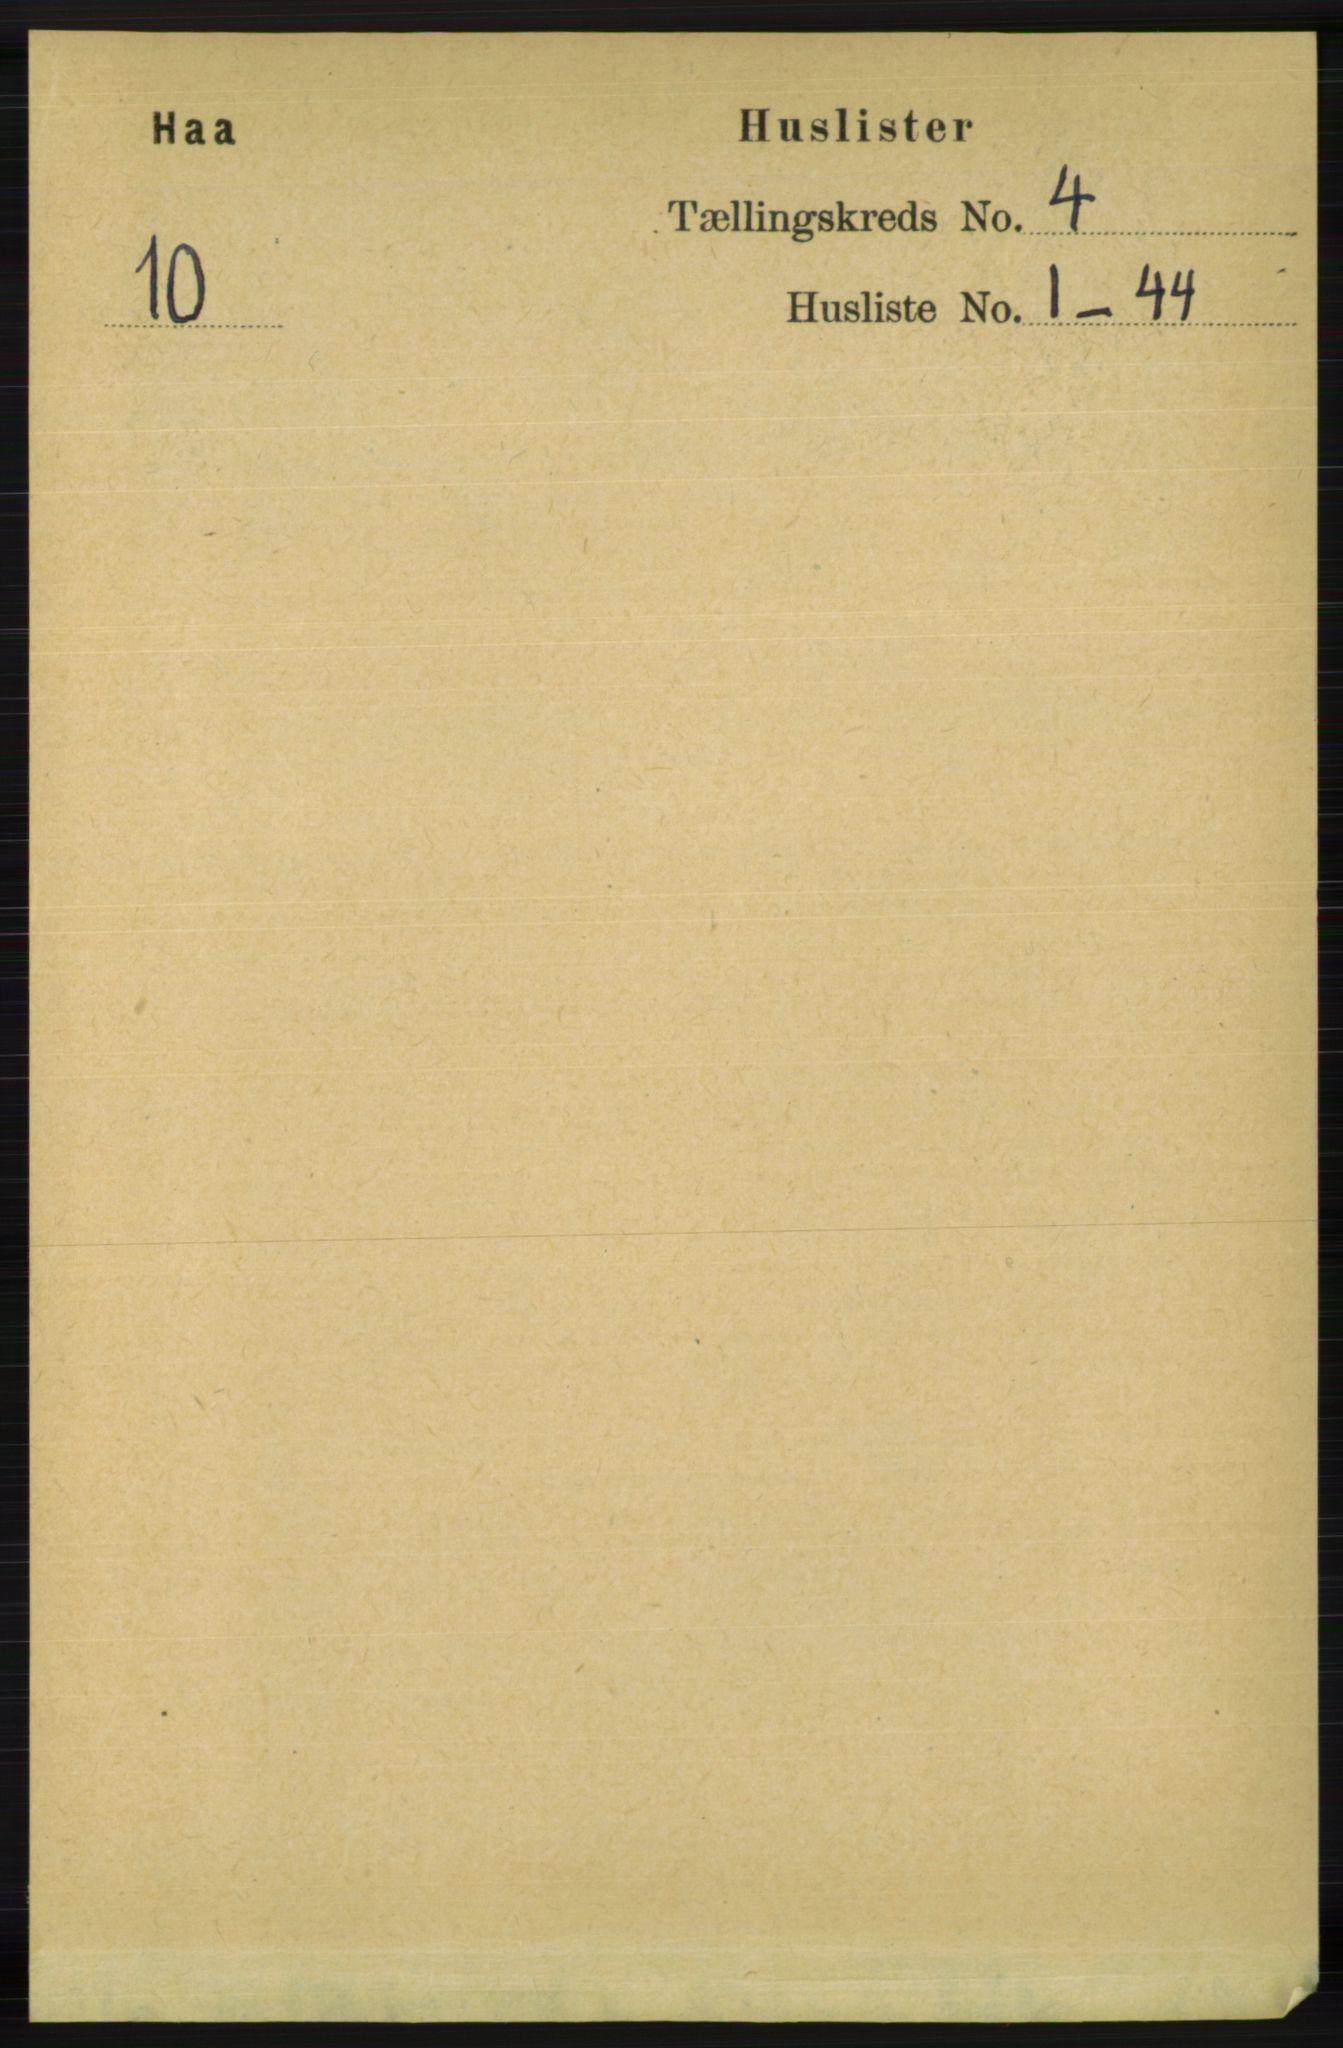 RA, Folketelling 1891 for 1119 Hå herred, 1891, s. 1003